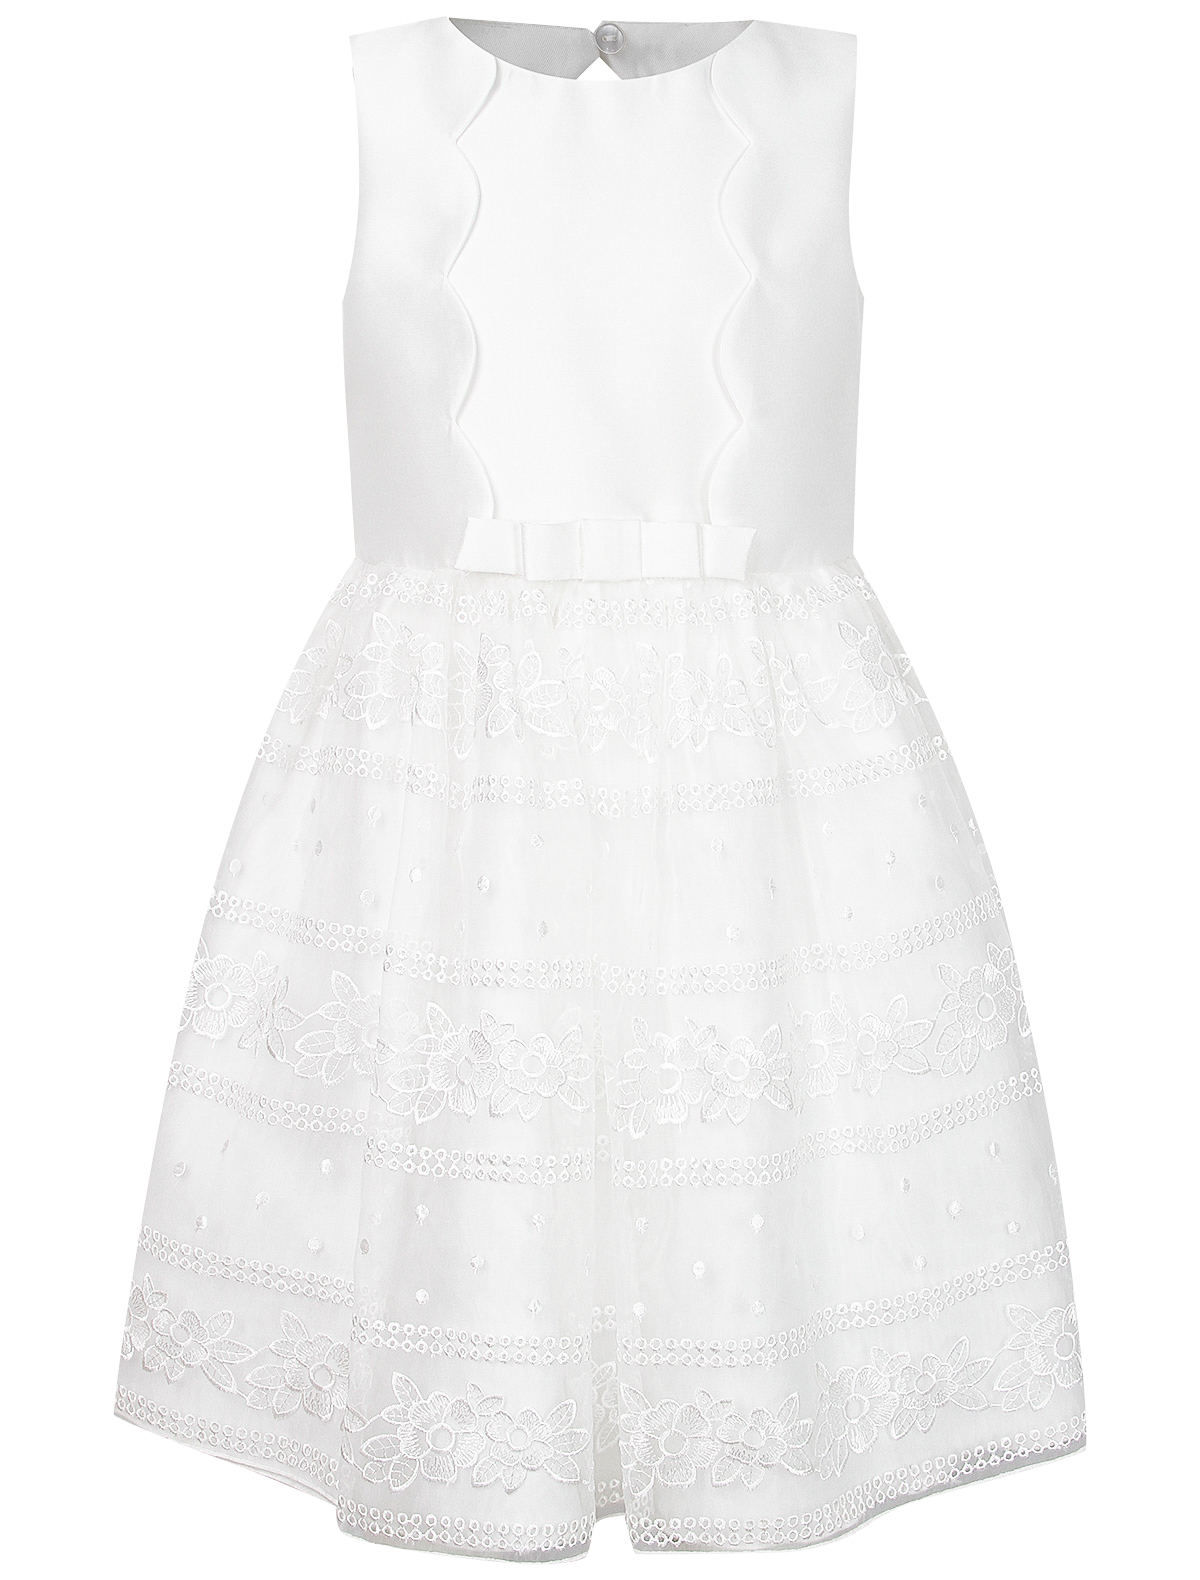 Купить 2205653, Платье ABEL & LULA, белый, Женский, 1054609075579